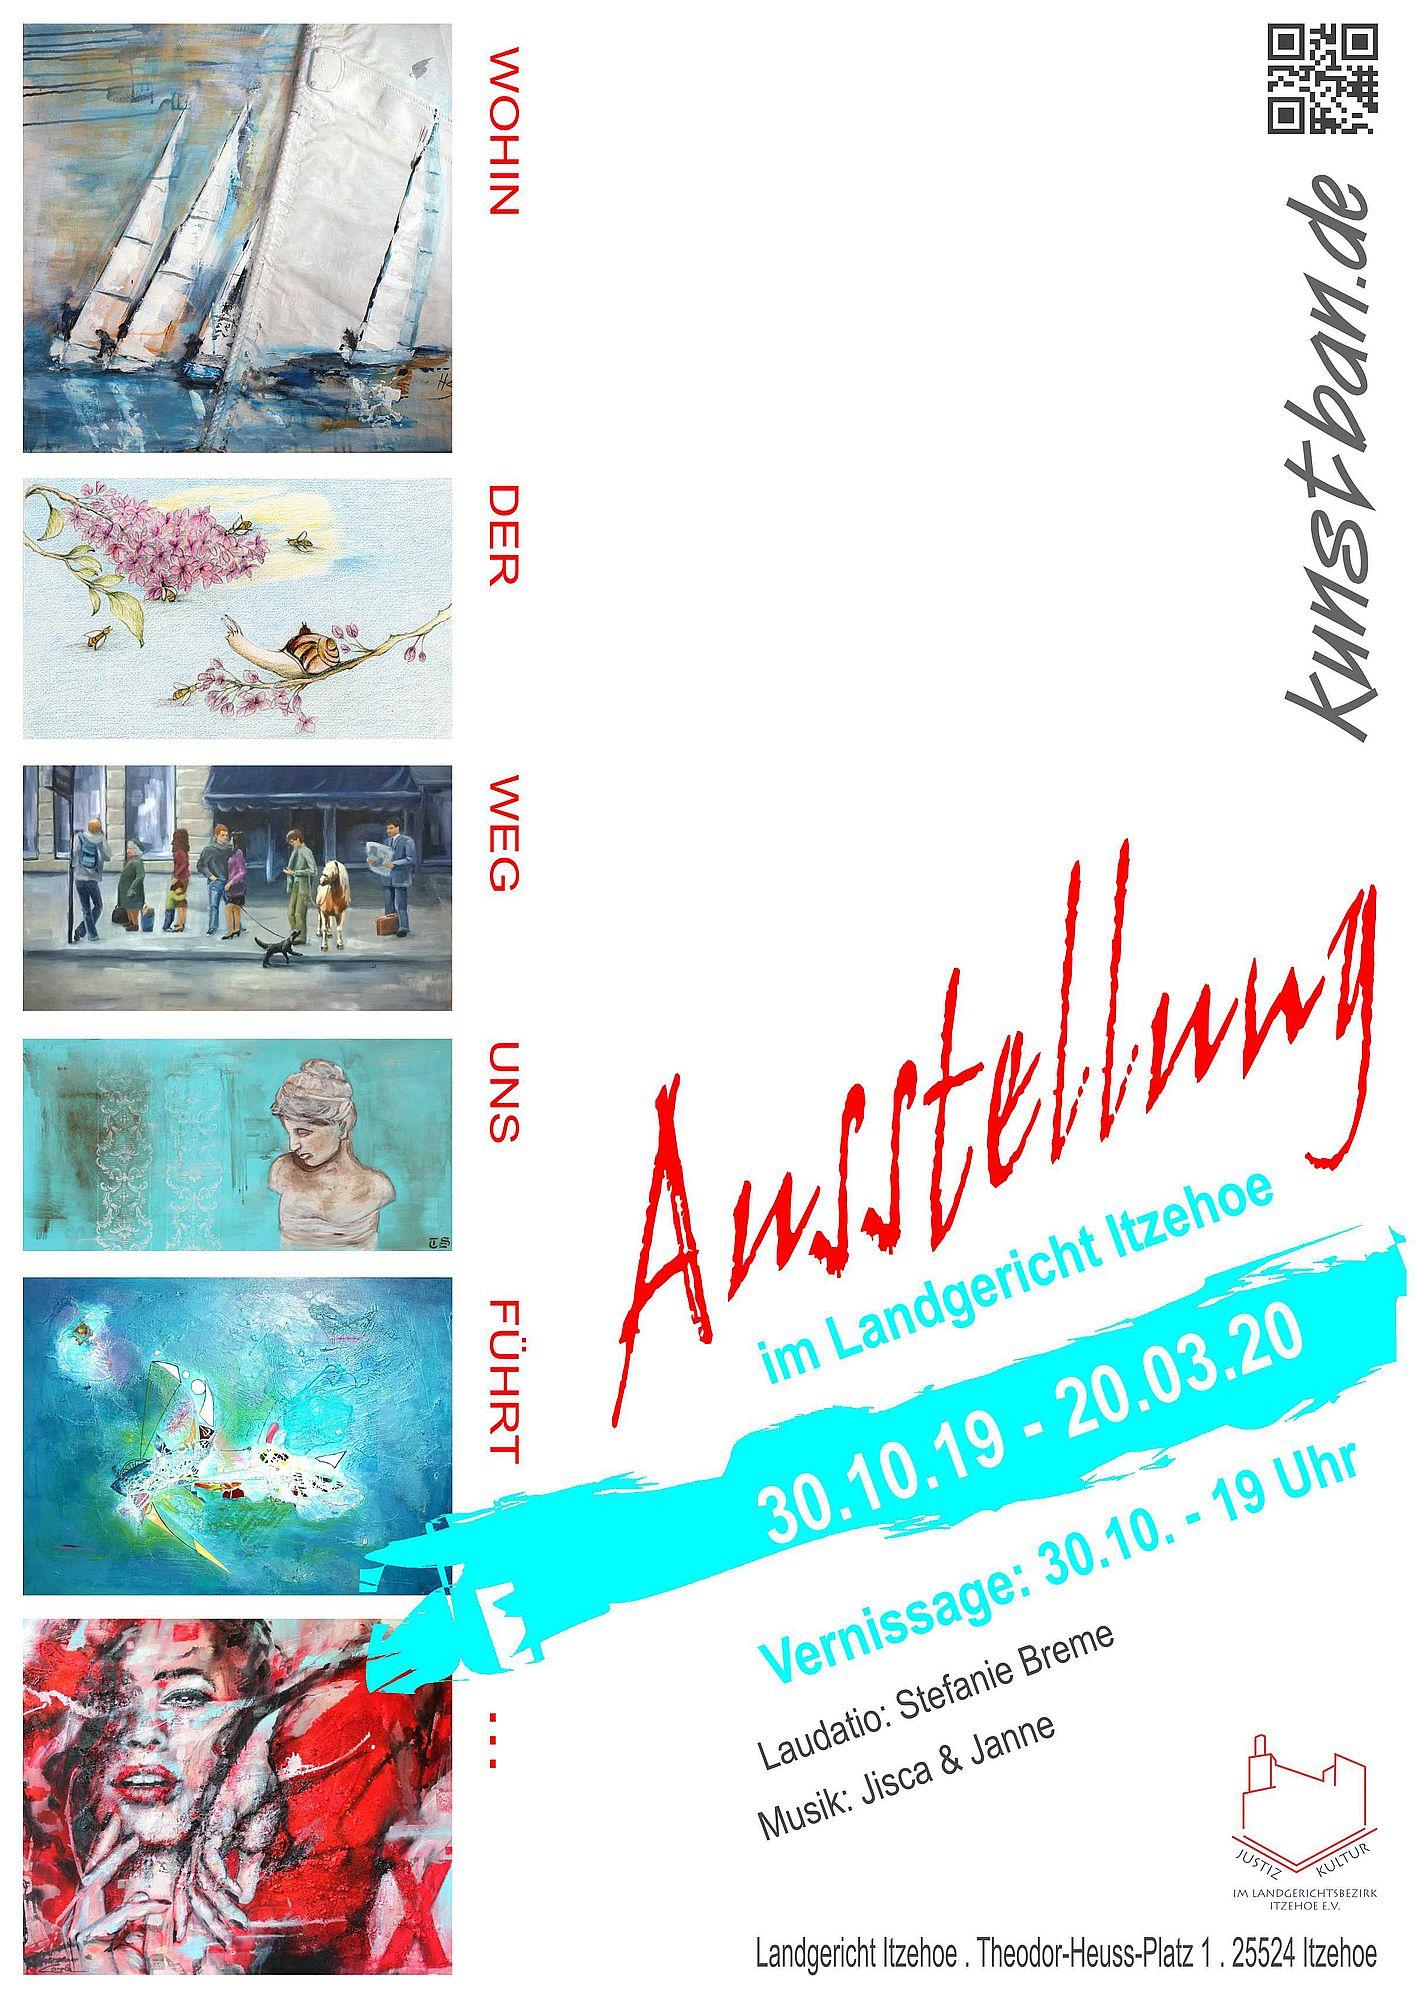 Ausstellung Landgericht Itzehoe